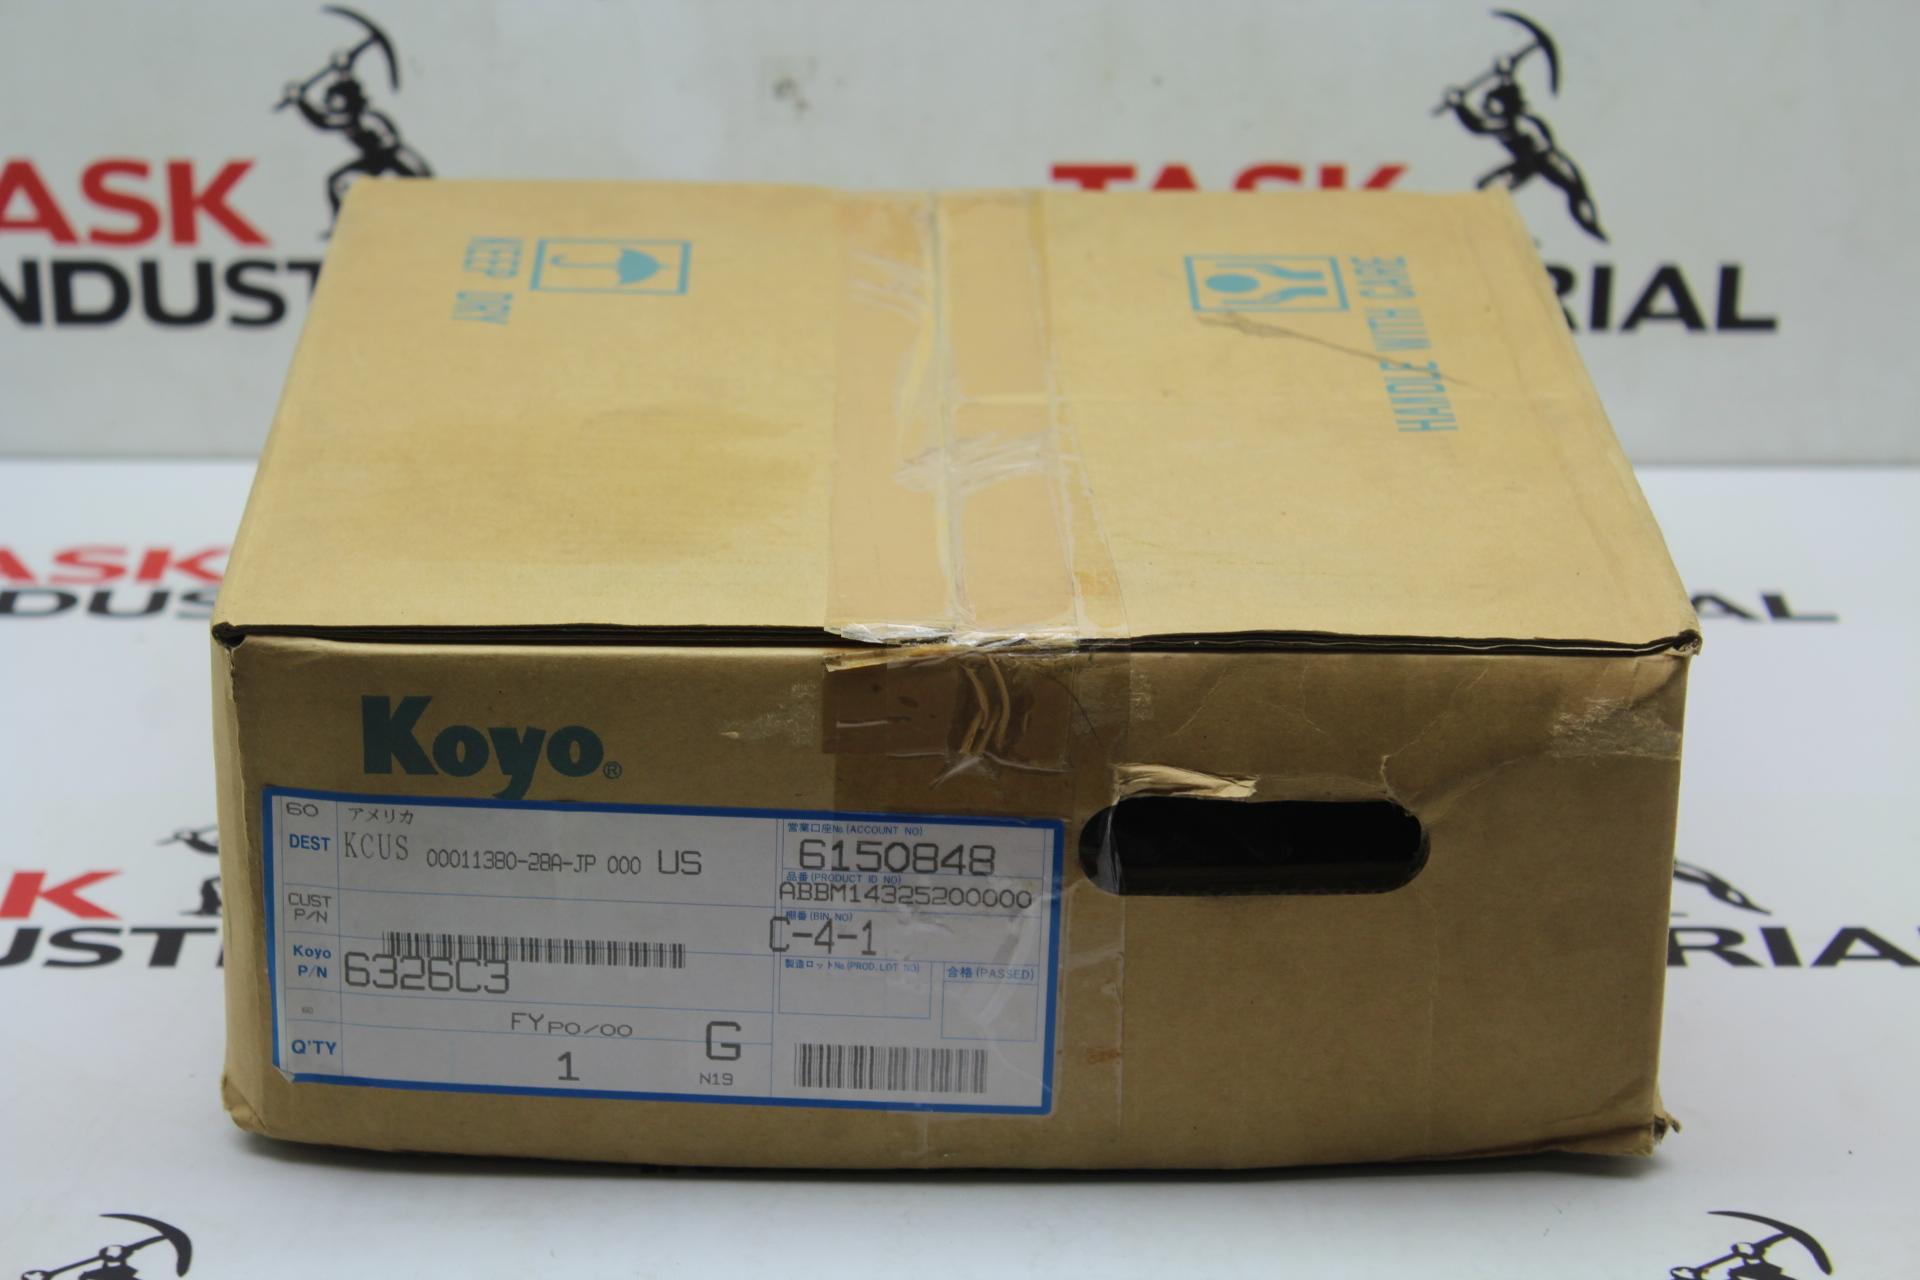 Koyo 6326C3 KCUS 00011380-28A-JP 000